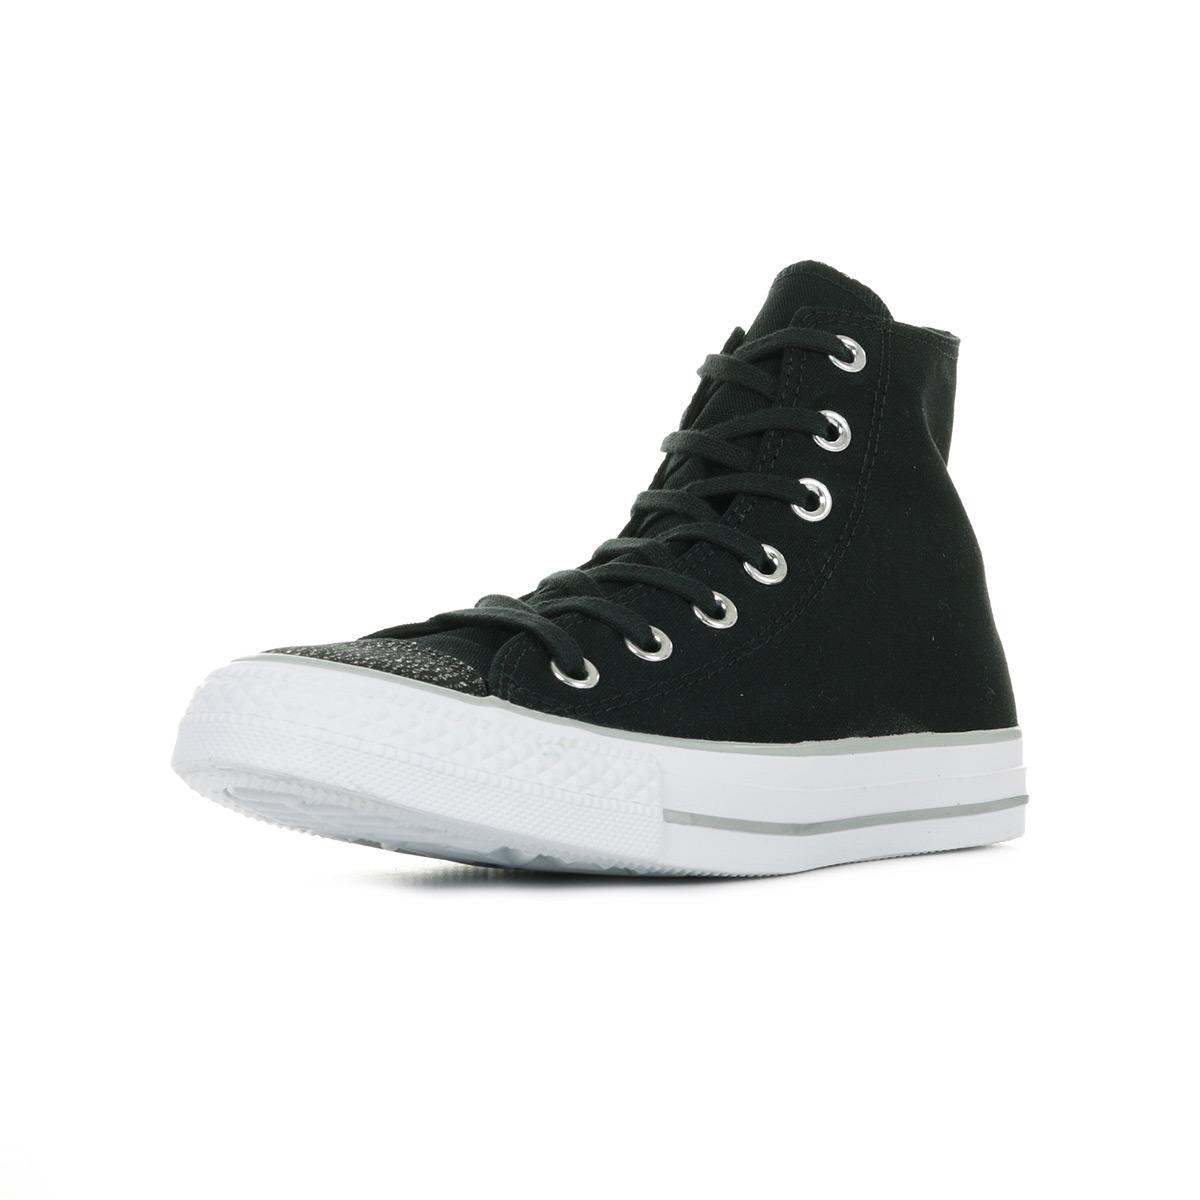 Converse Chuck Taylor All Star Hi 559885C, Baskets mode femme